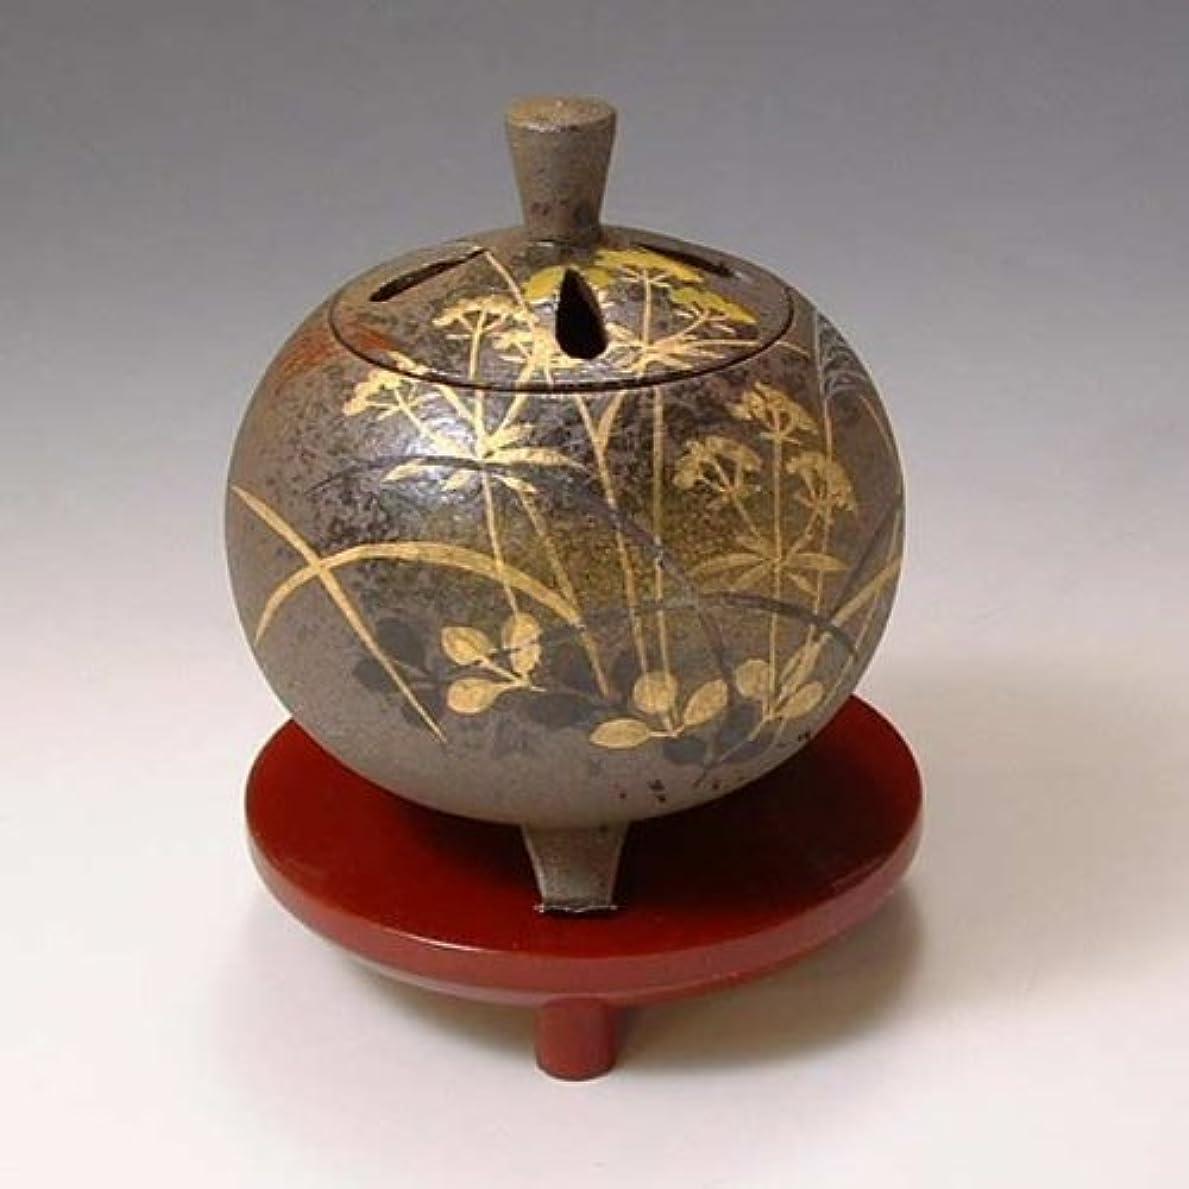 モック参照サンダルYXM164 清水焼 京焼 香炉(朱台付) ギフト 武蔵野 むさしの